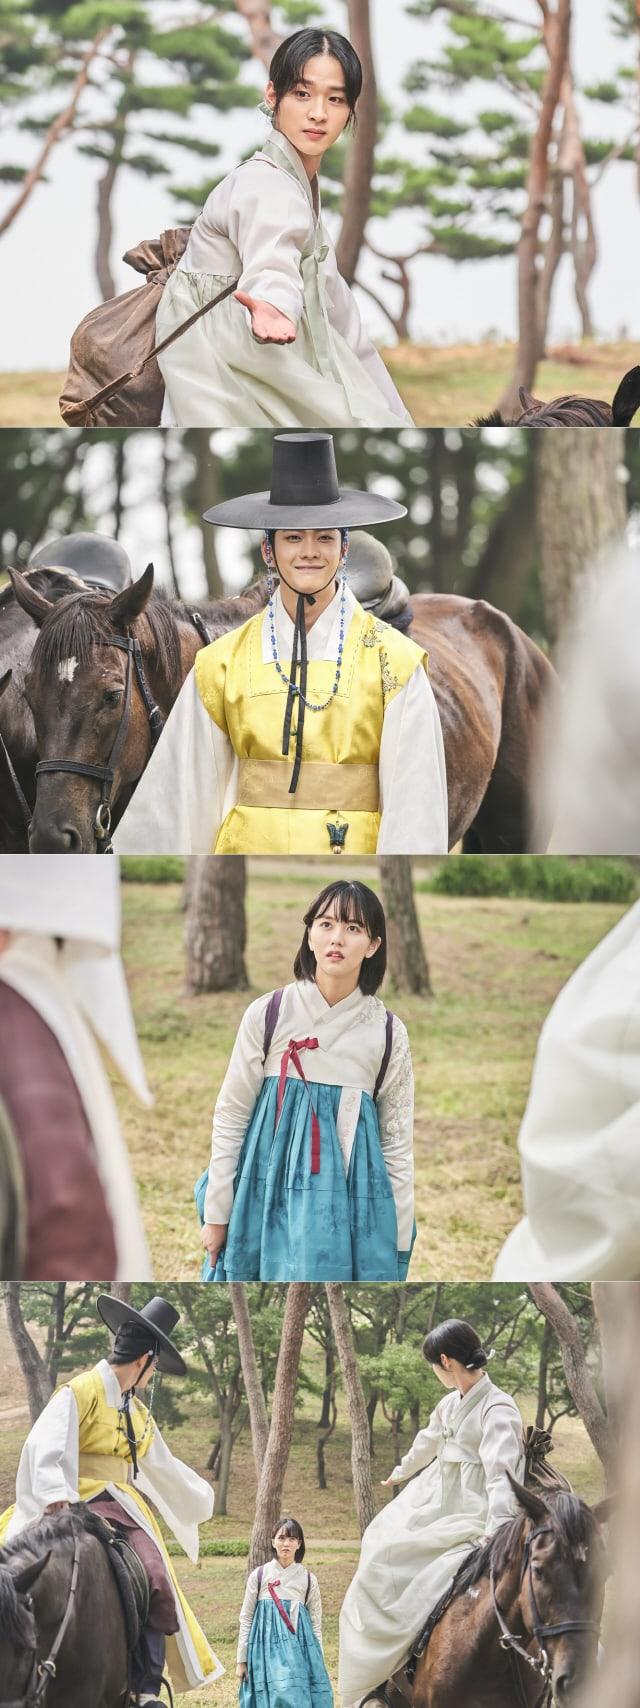 Jang-Dong-Yoon-Kang-Tae-Oh-Kim-So-Hyun.j